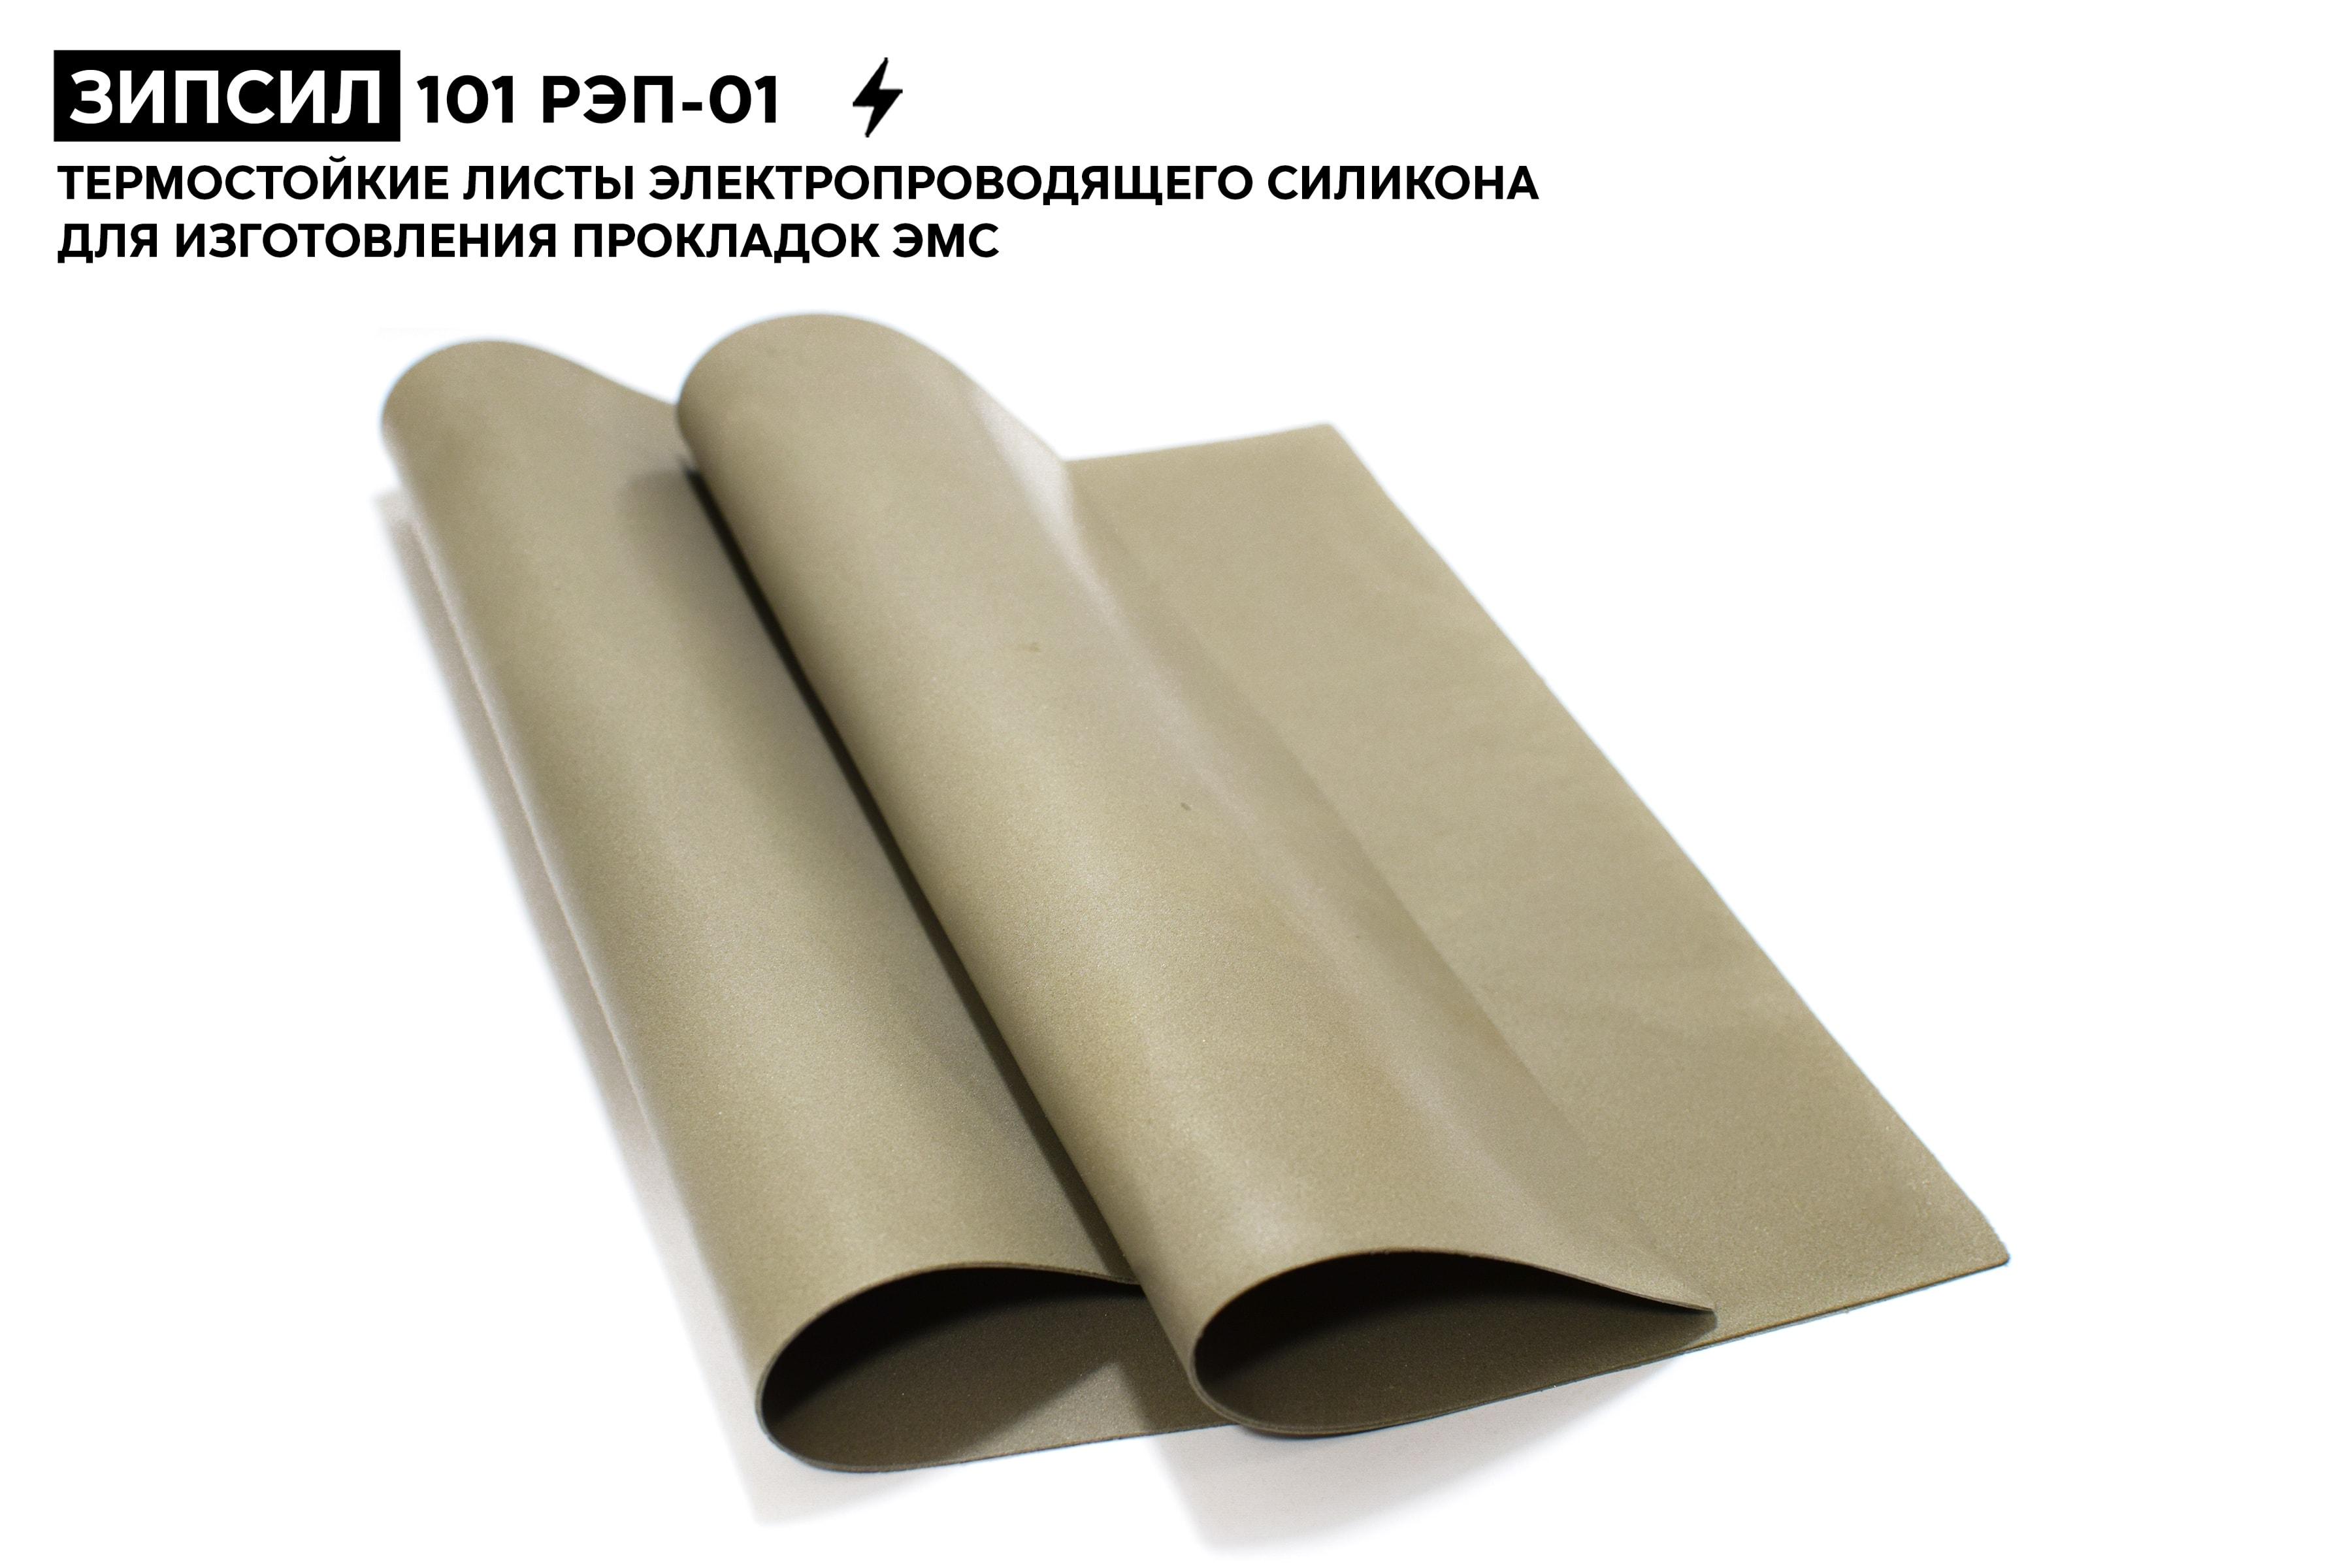 Стандартный лист токопроводящего силикона 250х250мм толщиной 0,8мм материала ЗИПСИЛ РЭП-01. Аналог электропроводящих листов фирм Laird Technologies (8860-0032-100), Parker Chomerics (CHO-SEAL), Kemtron, Holland Shielding Systems BV и т.п.